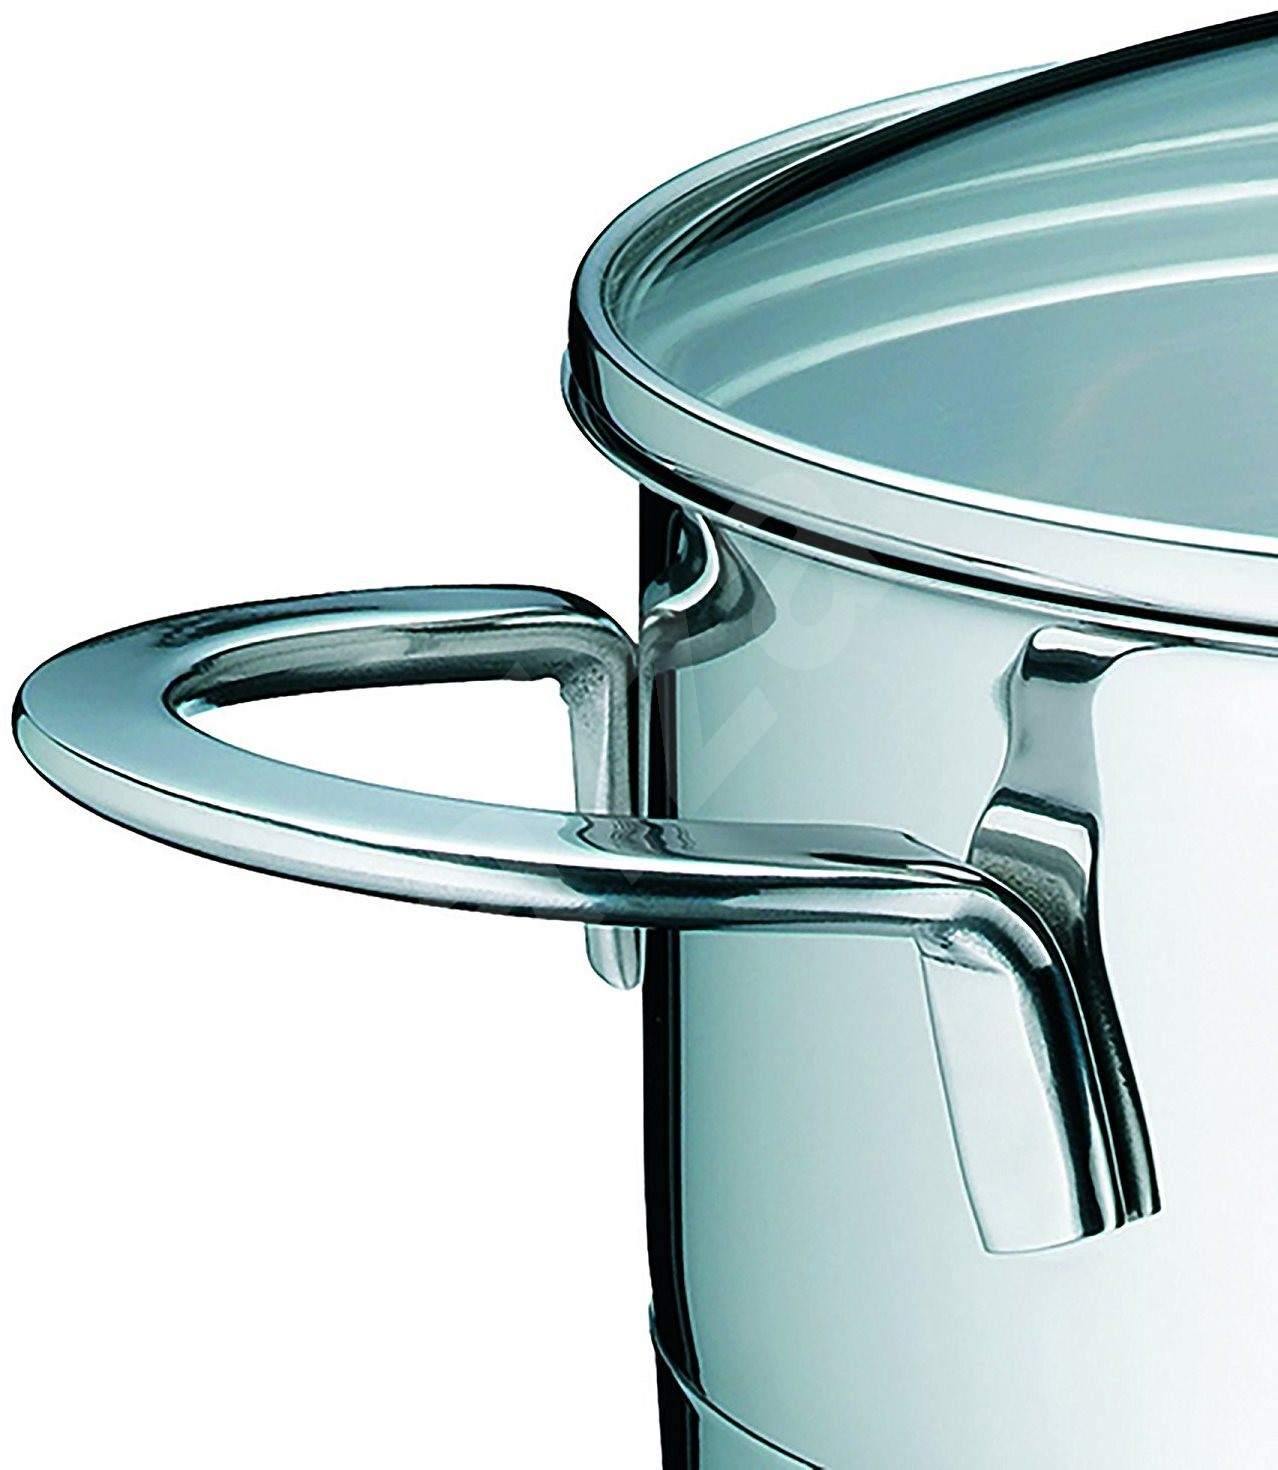 Kela CAILIN rozsdamentes acél edény üveg fedővel  3 5 l - Edény